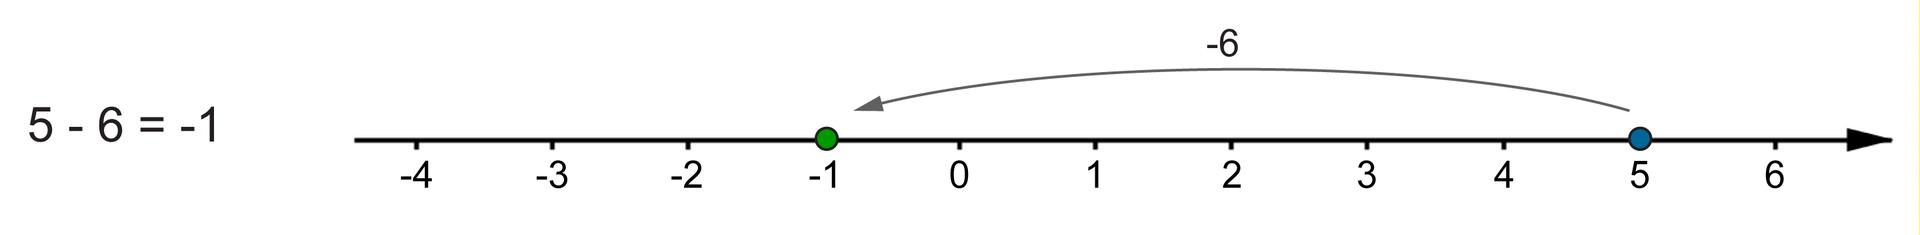 Rysunek osi liczbowej zzaznaczonymi liczbami całkowitymi od -4 do 6. Poprowadzona strzałka od 5 do -1, która ilustruje działanie 5 -6 =-1.